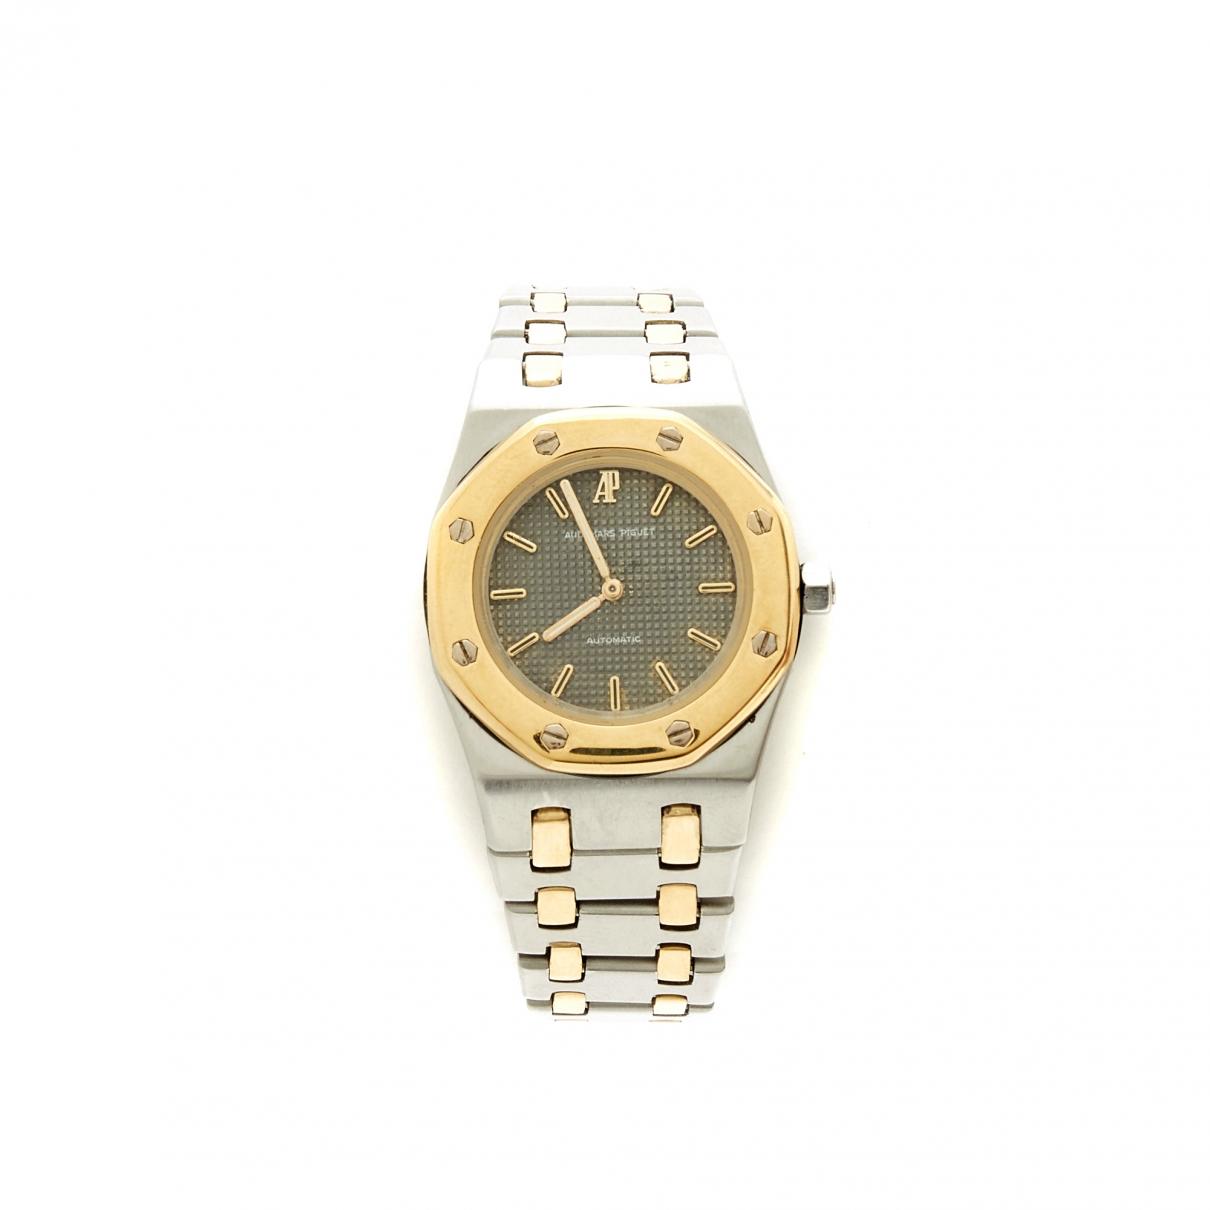 Audemars Piguet Royal Oak Lady Uhr in  Silber Gold und Stahl